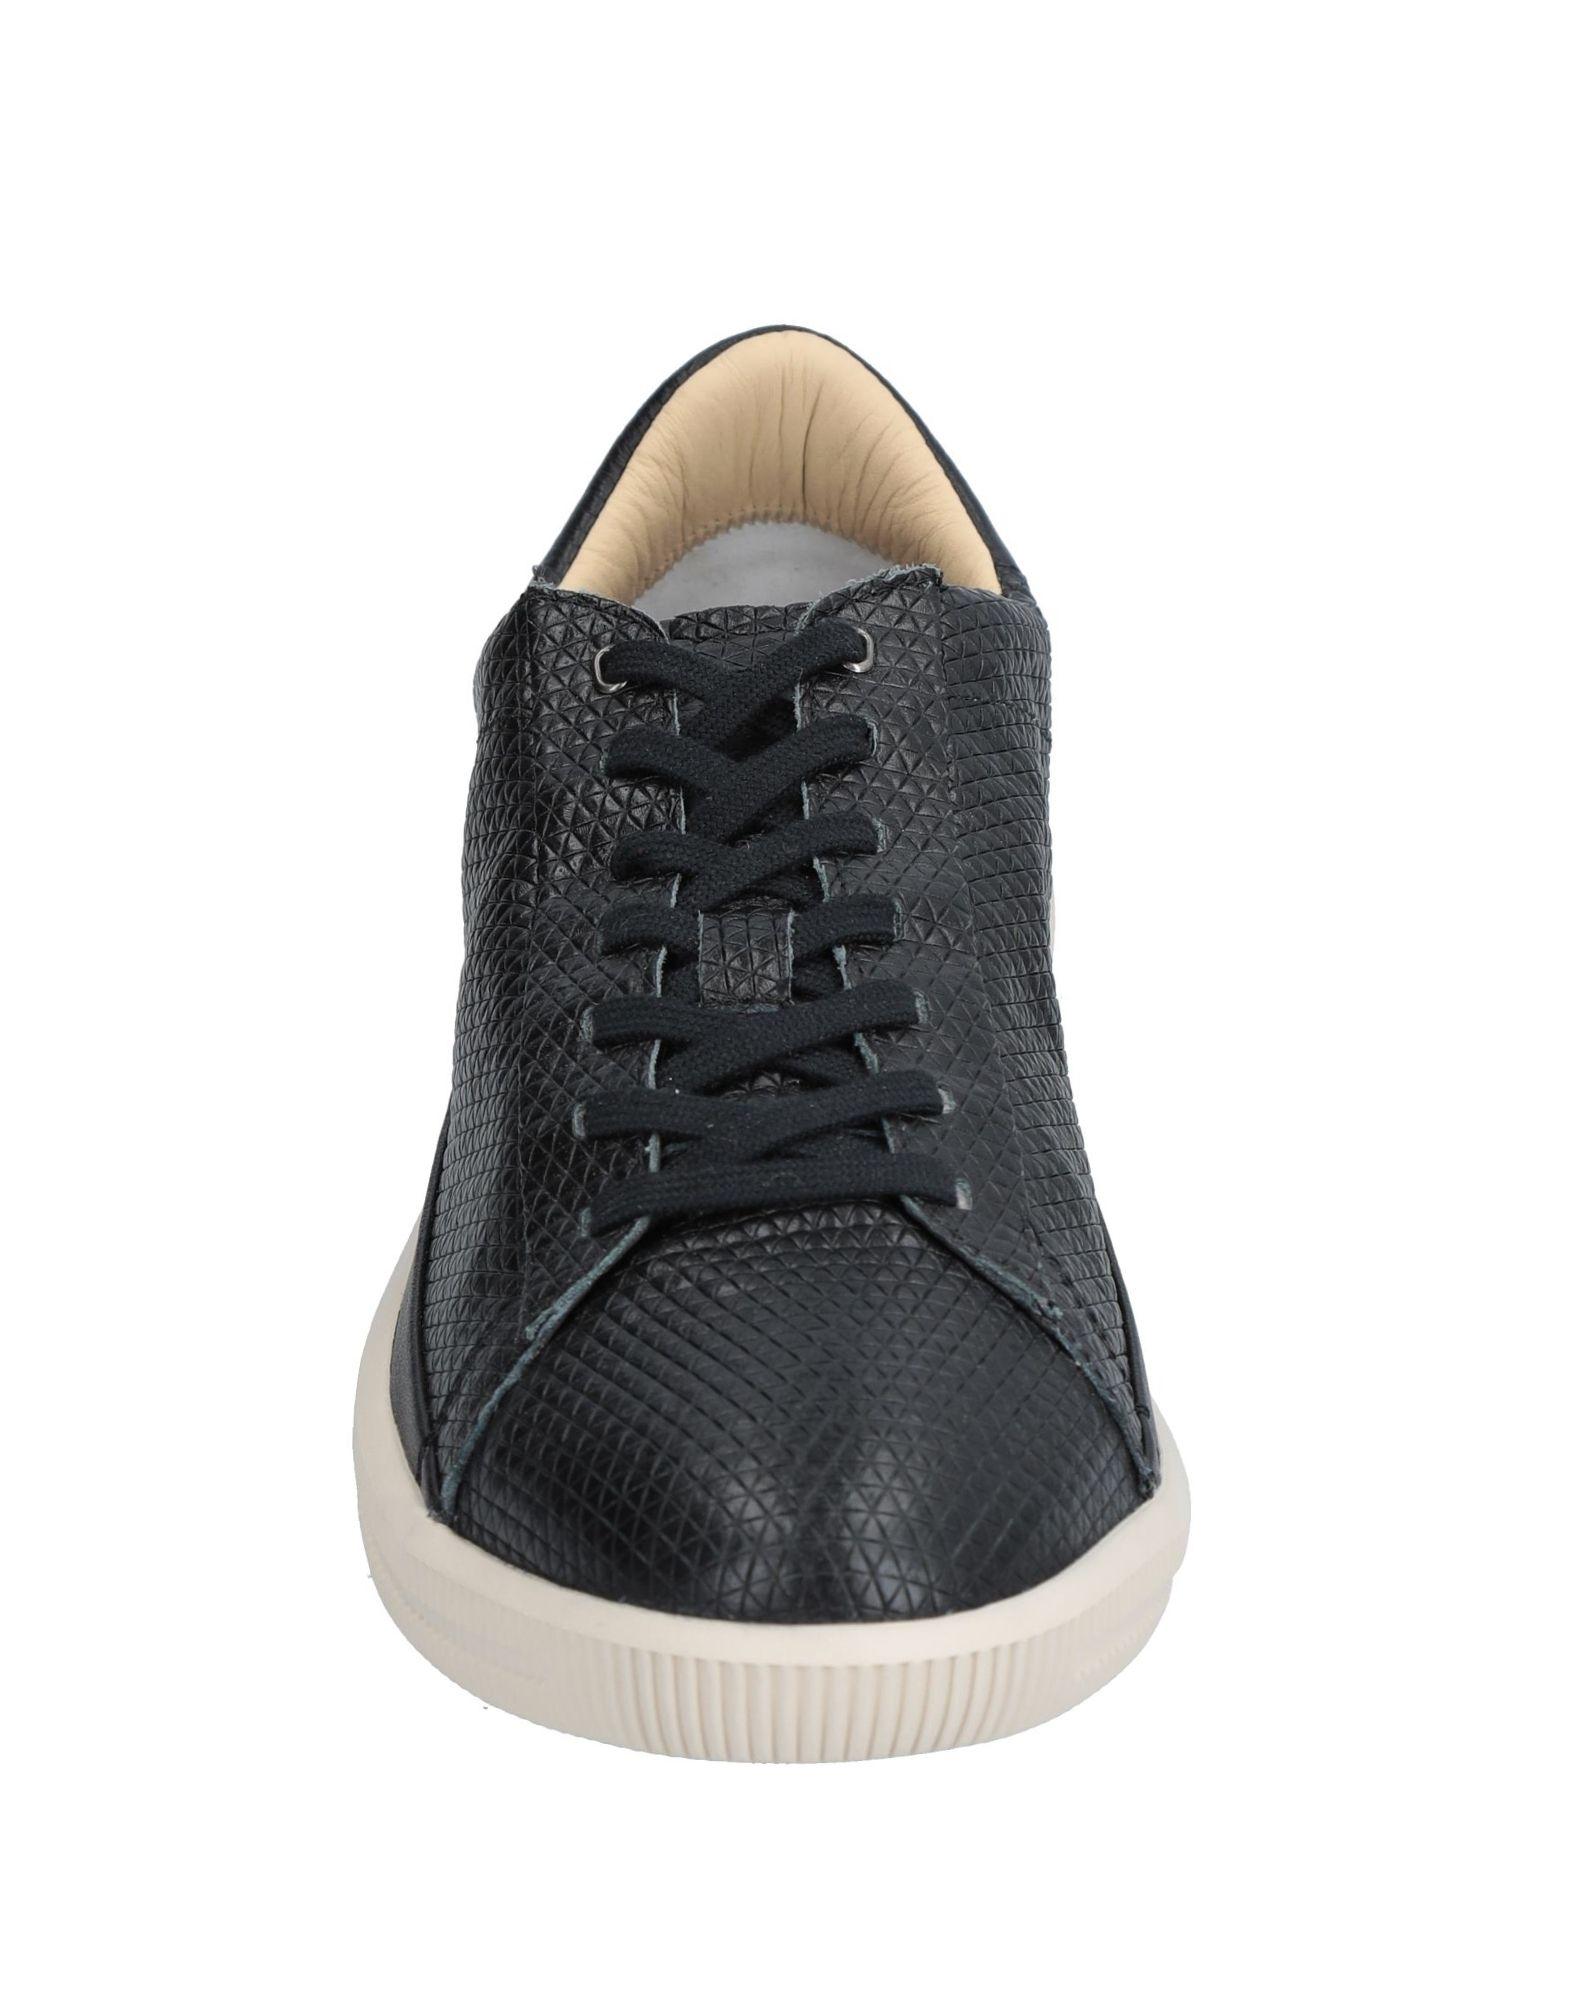 Rabatt Herren echte Schuhe Diesel Sneakers Herren Rabatt  11534315TI f92675